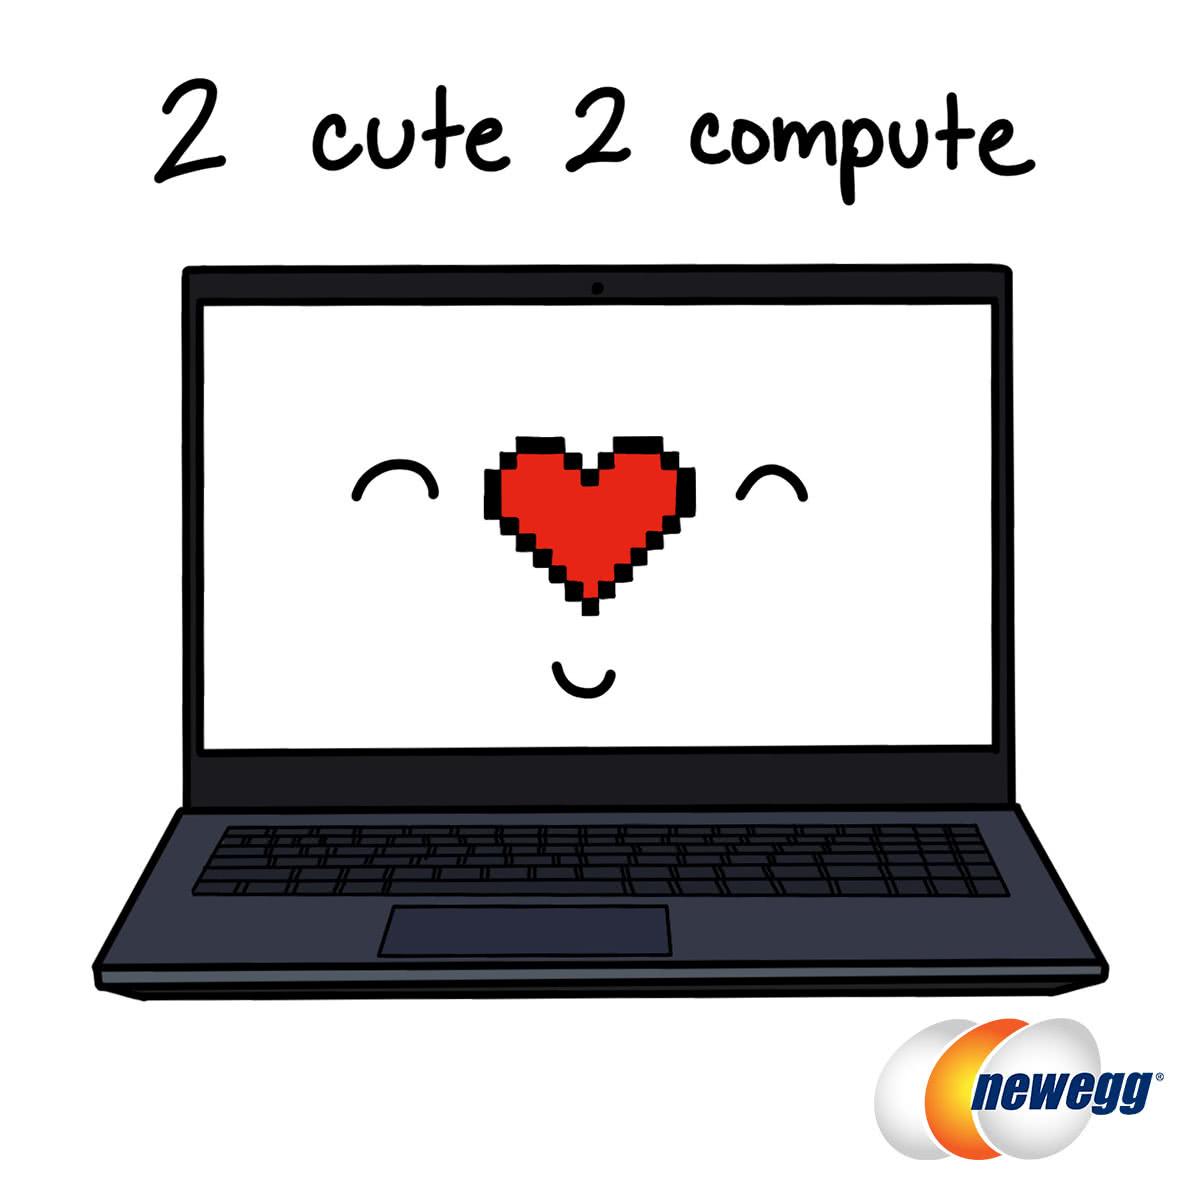 2 Cute 2 Compute